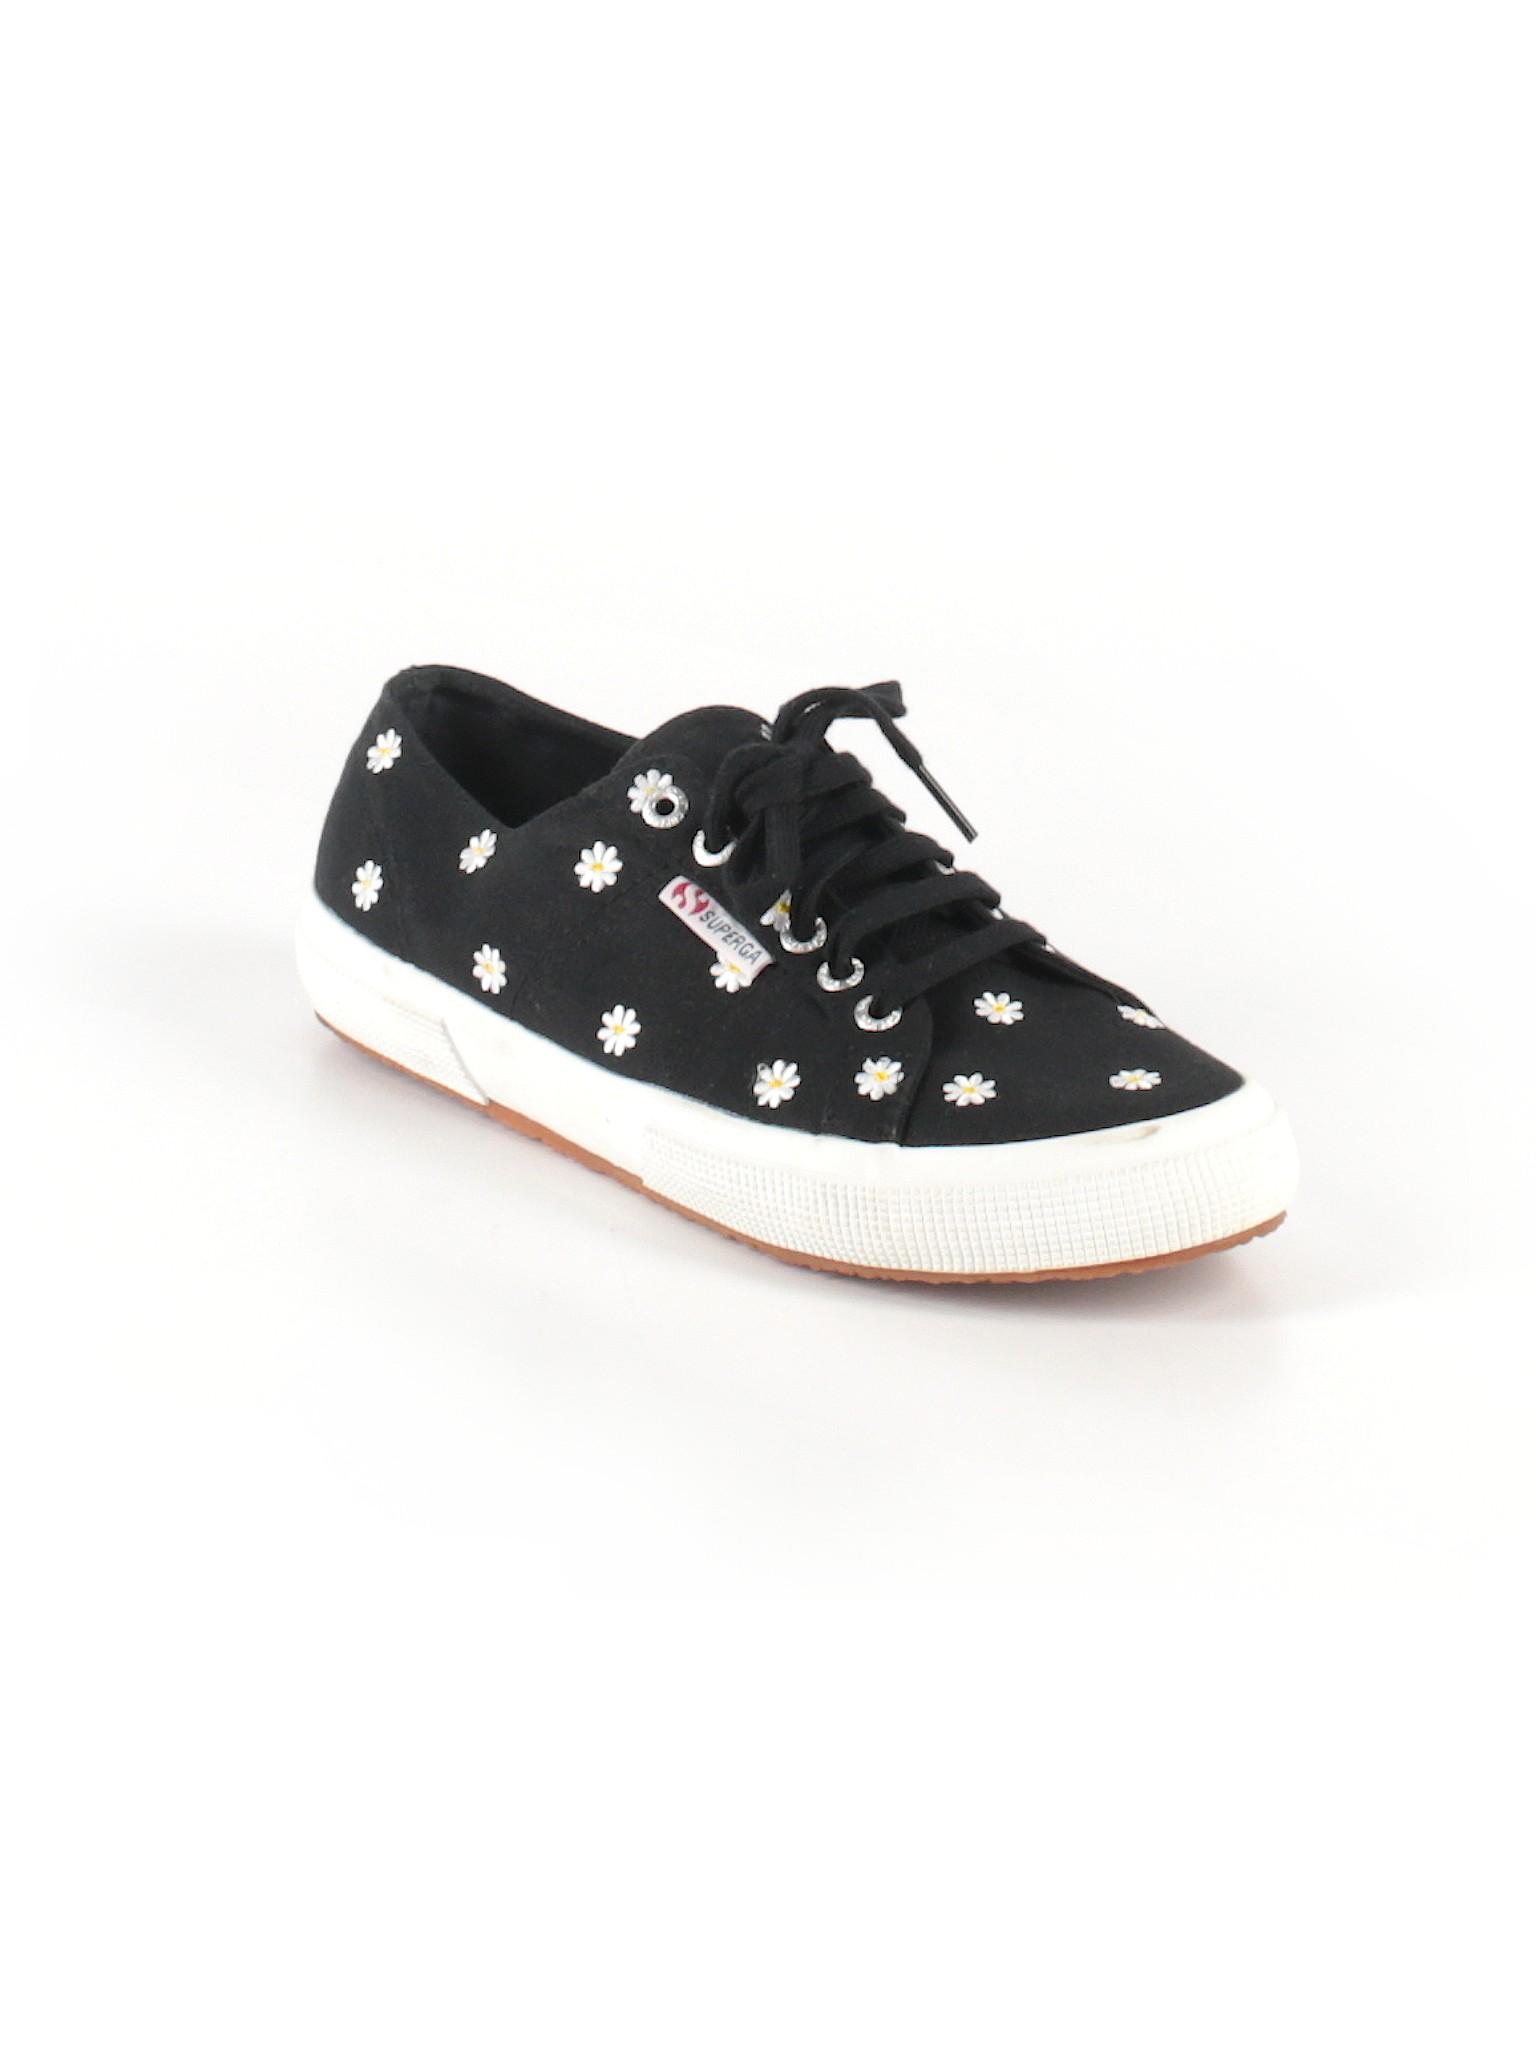 promotion Boutique Boutique Sneakers Superga promotion 1pxqwYq5E